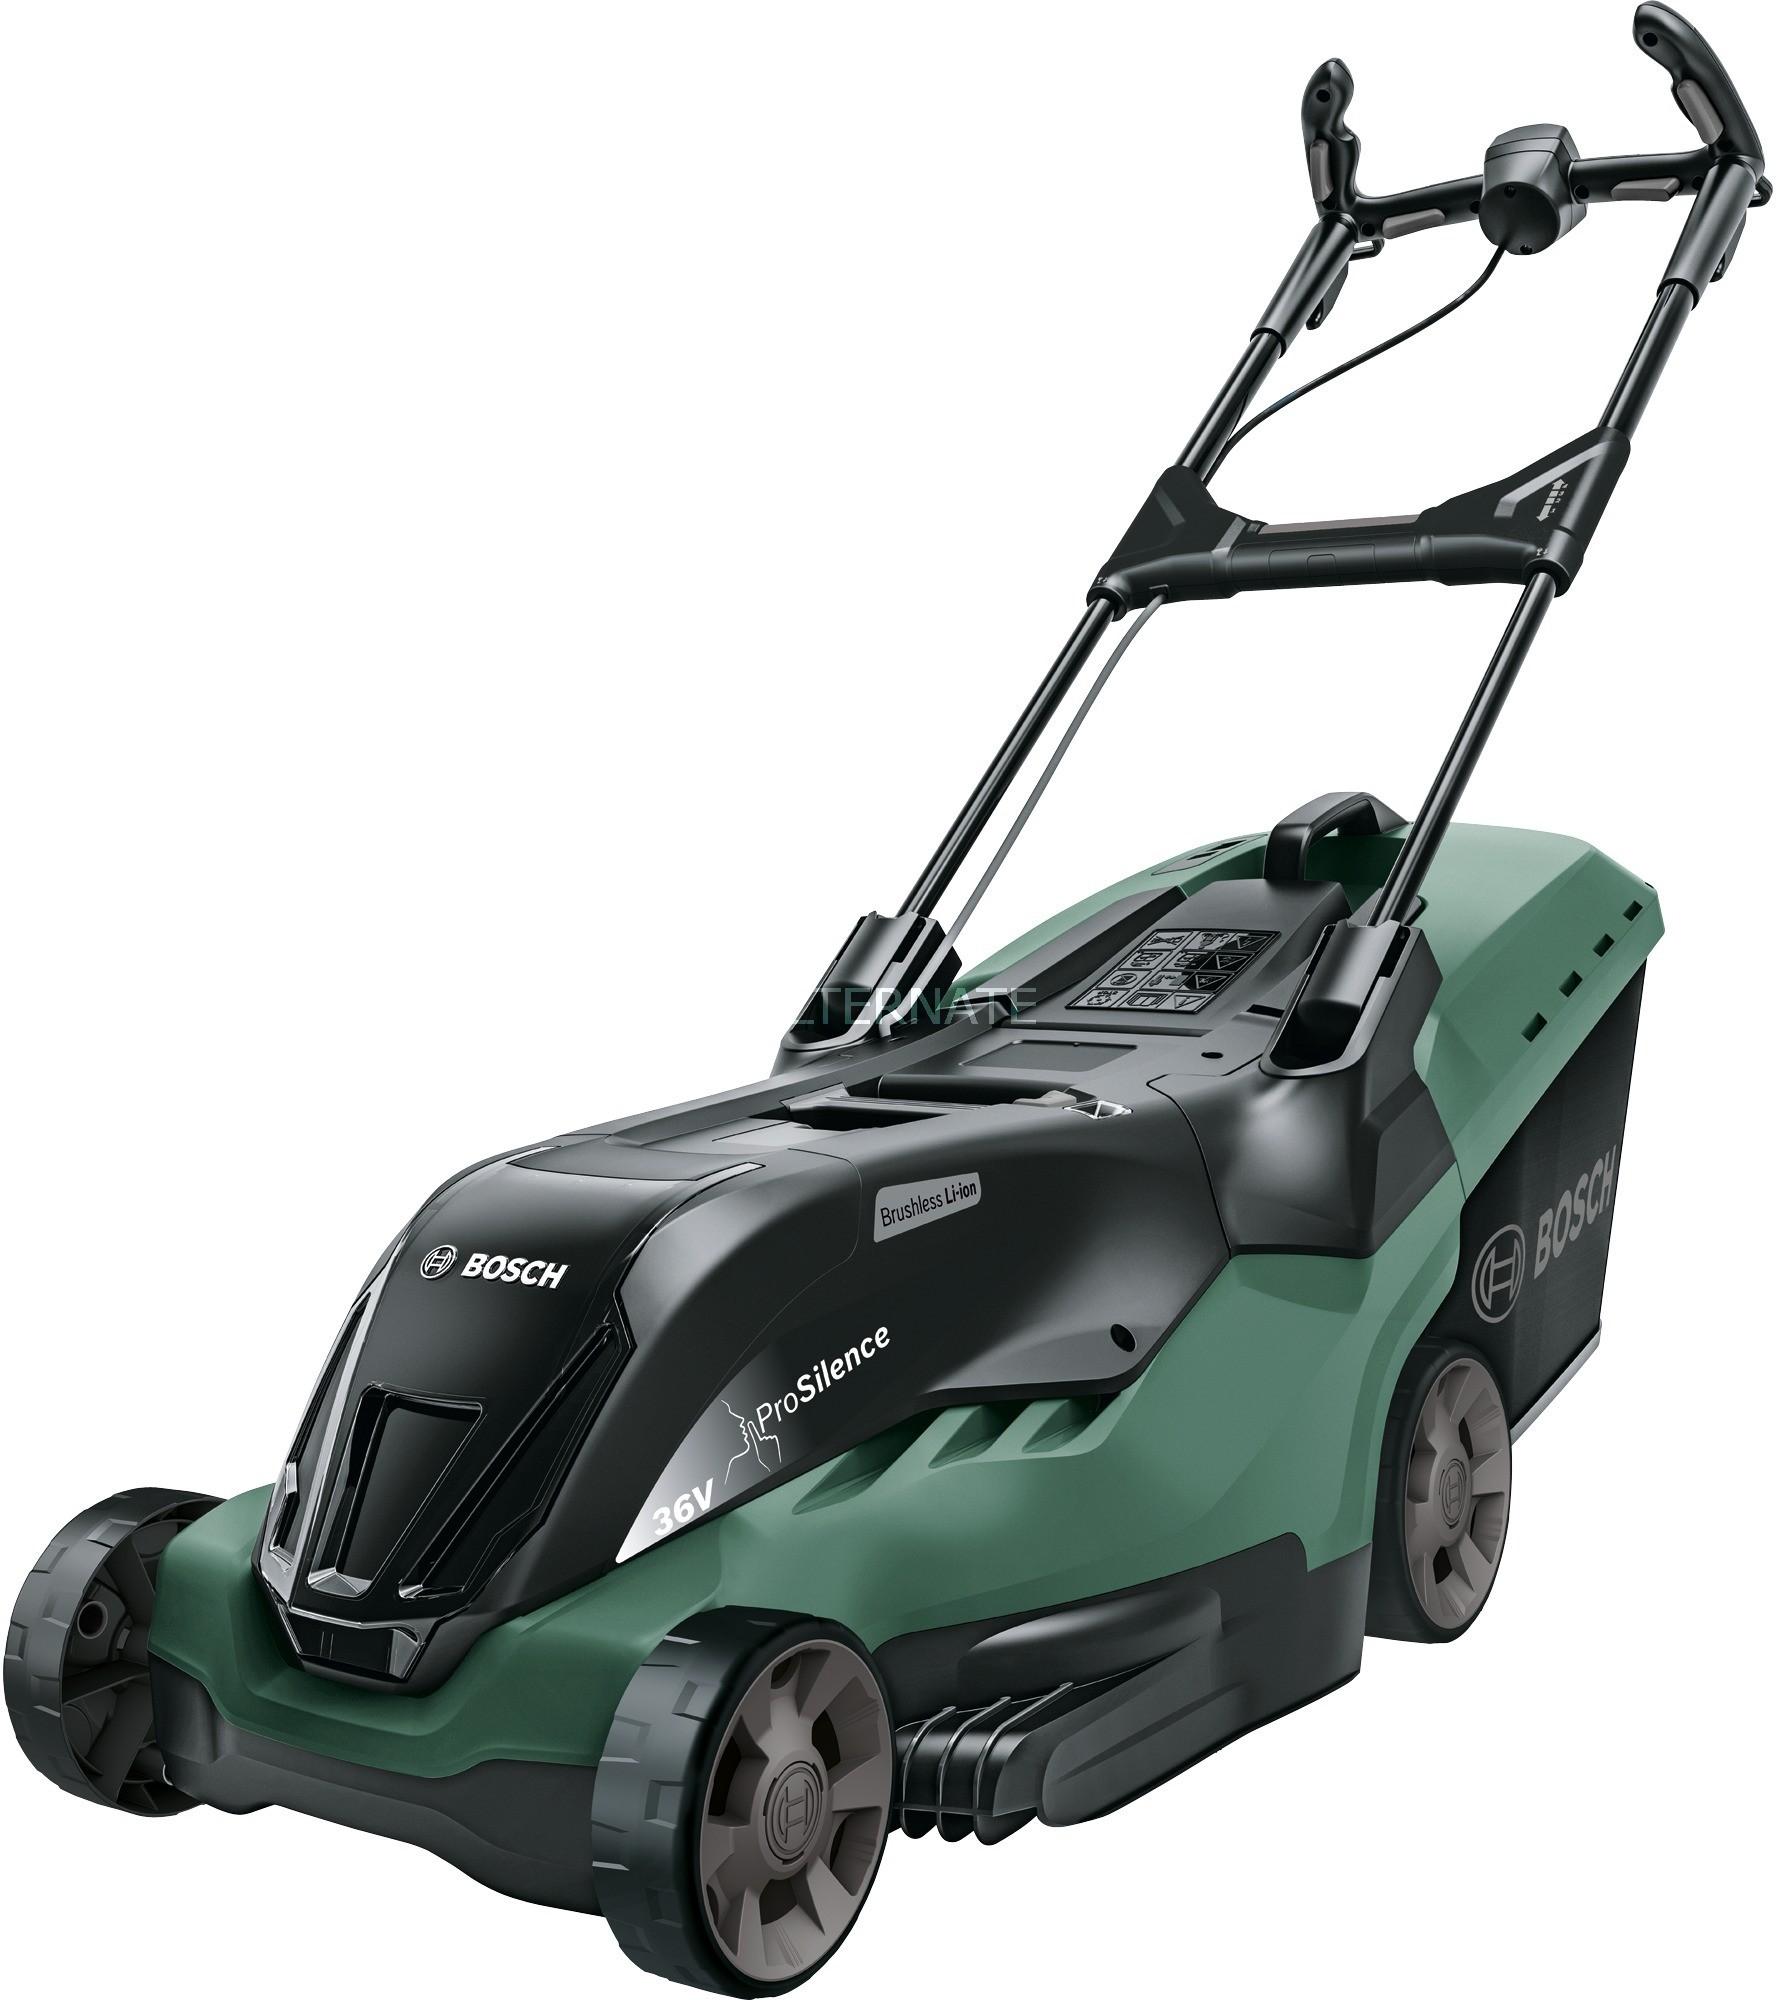 Bosch AdvancedRotak 36-750 Czarny, Zielony Bateria, kosiarka do trawy 4059952526911